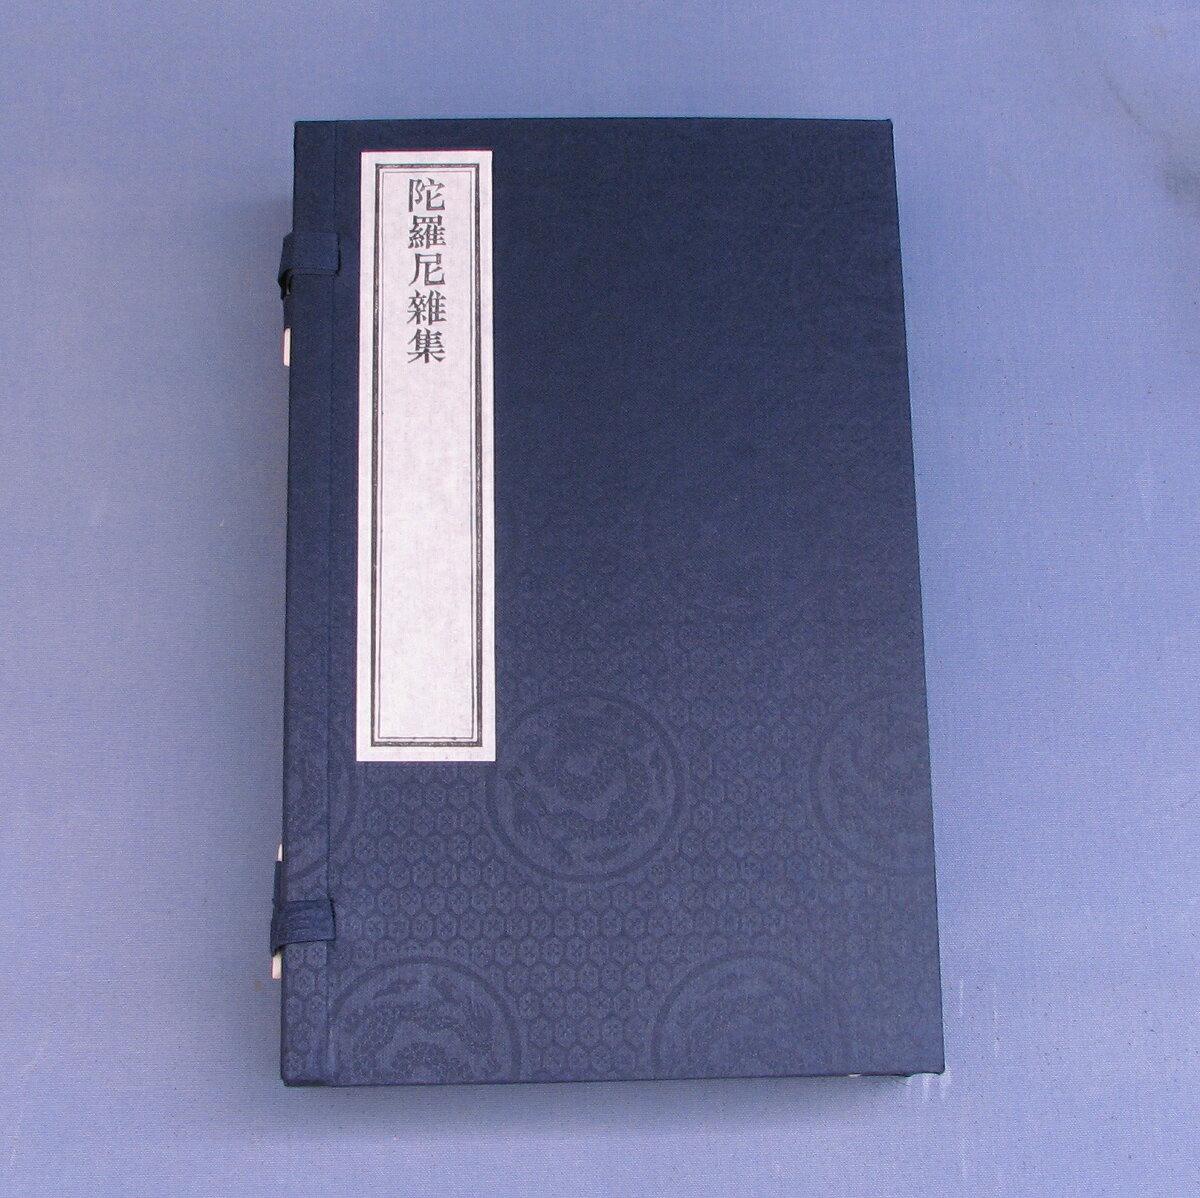 陀羅尼雑集(10巻)